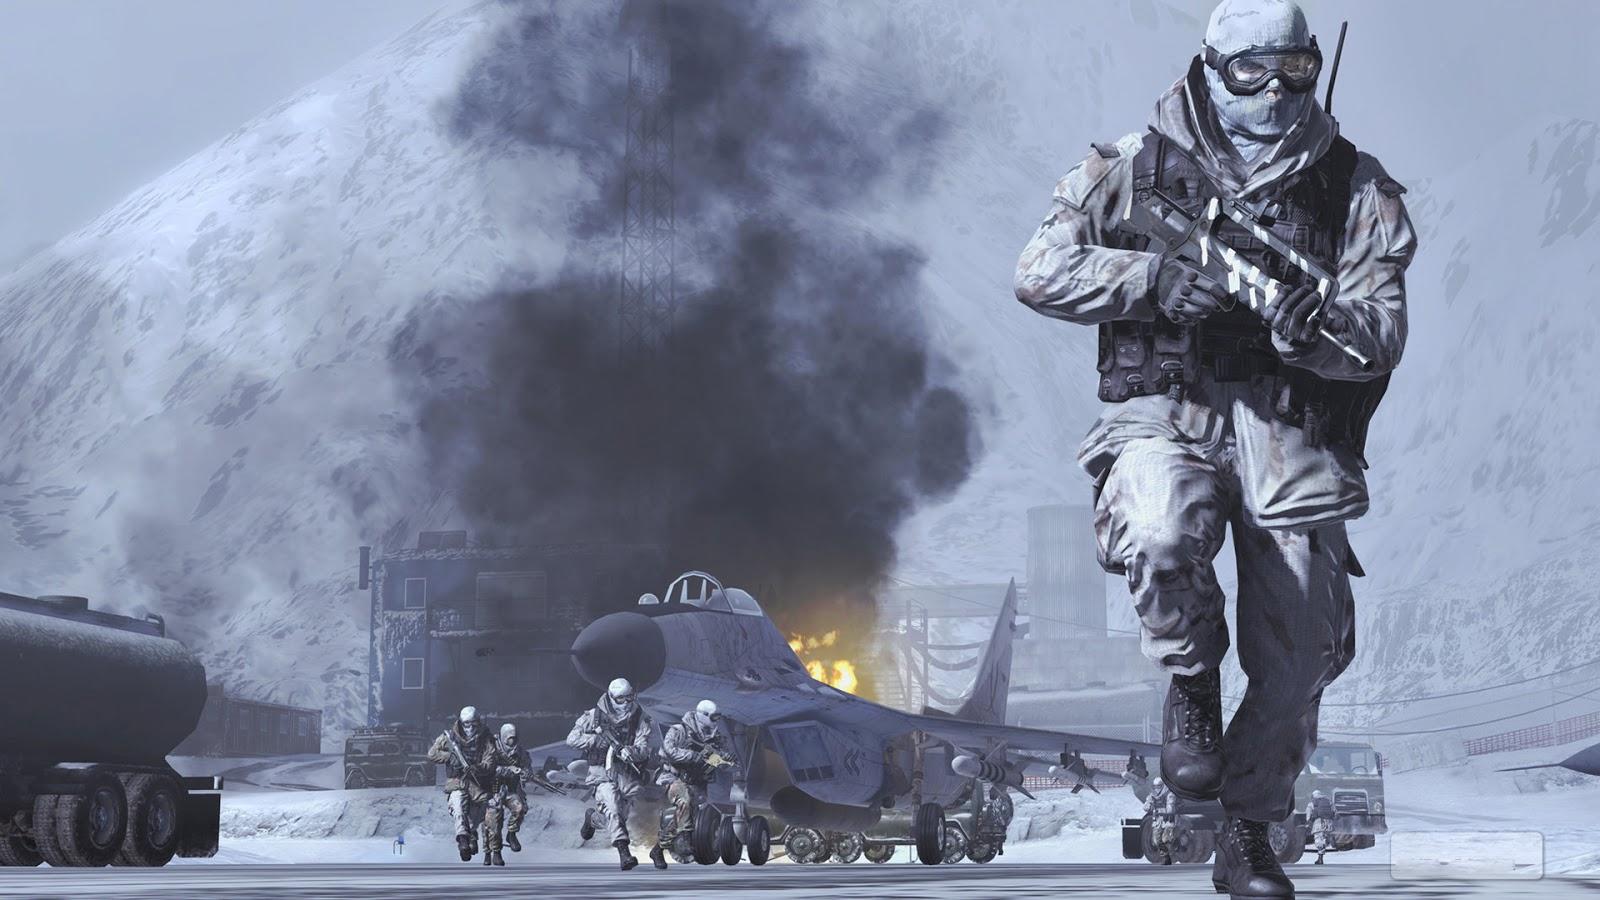 Call of Duty: Modern Warfare 2 (PC) - elektronicky Pchra00078 - Pokračování nejprodávanější akční hry všech dob z pohledu vlastníma očima pokračuje hra Modern Warfare 2 v nadílce poutavé a strhující akce, v níž na hráče čekají nové hrozby…